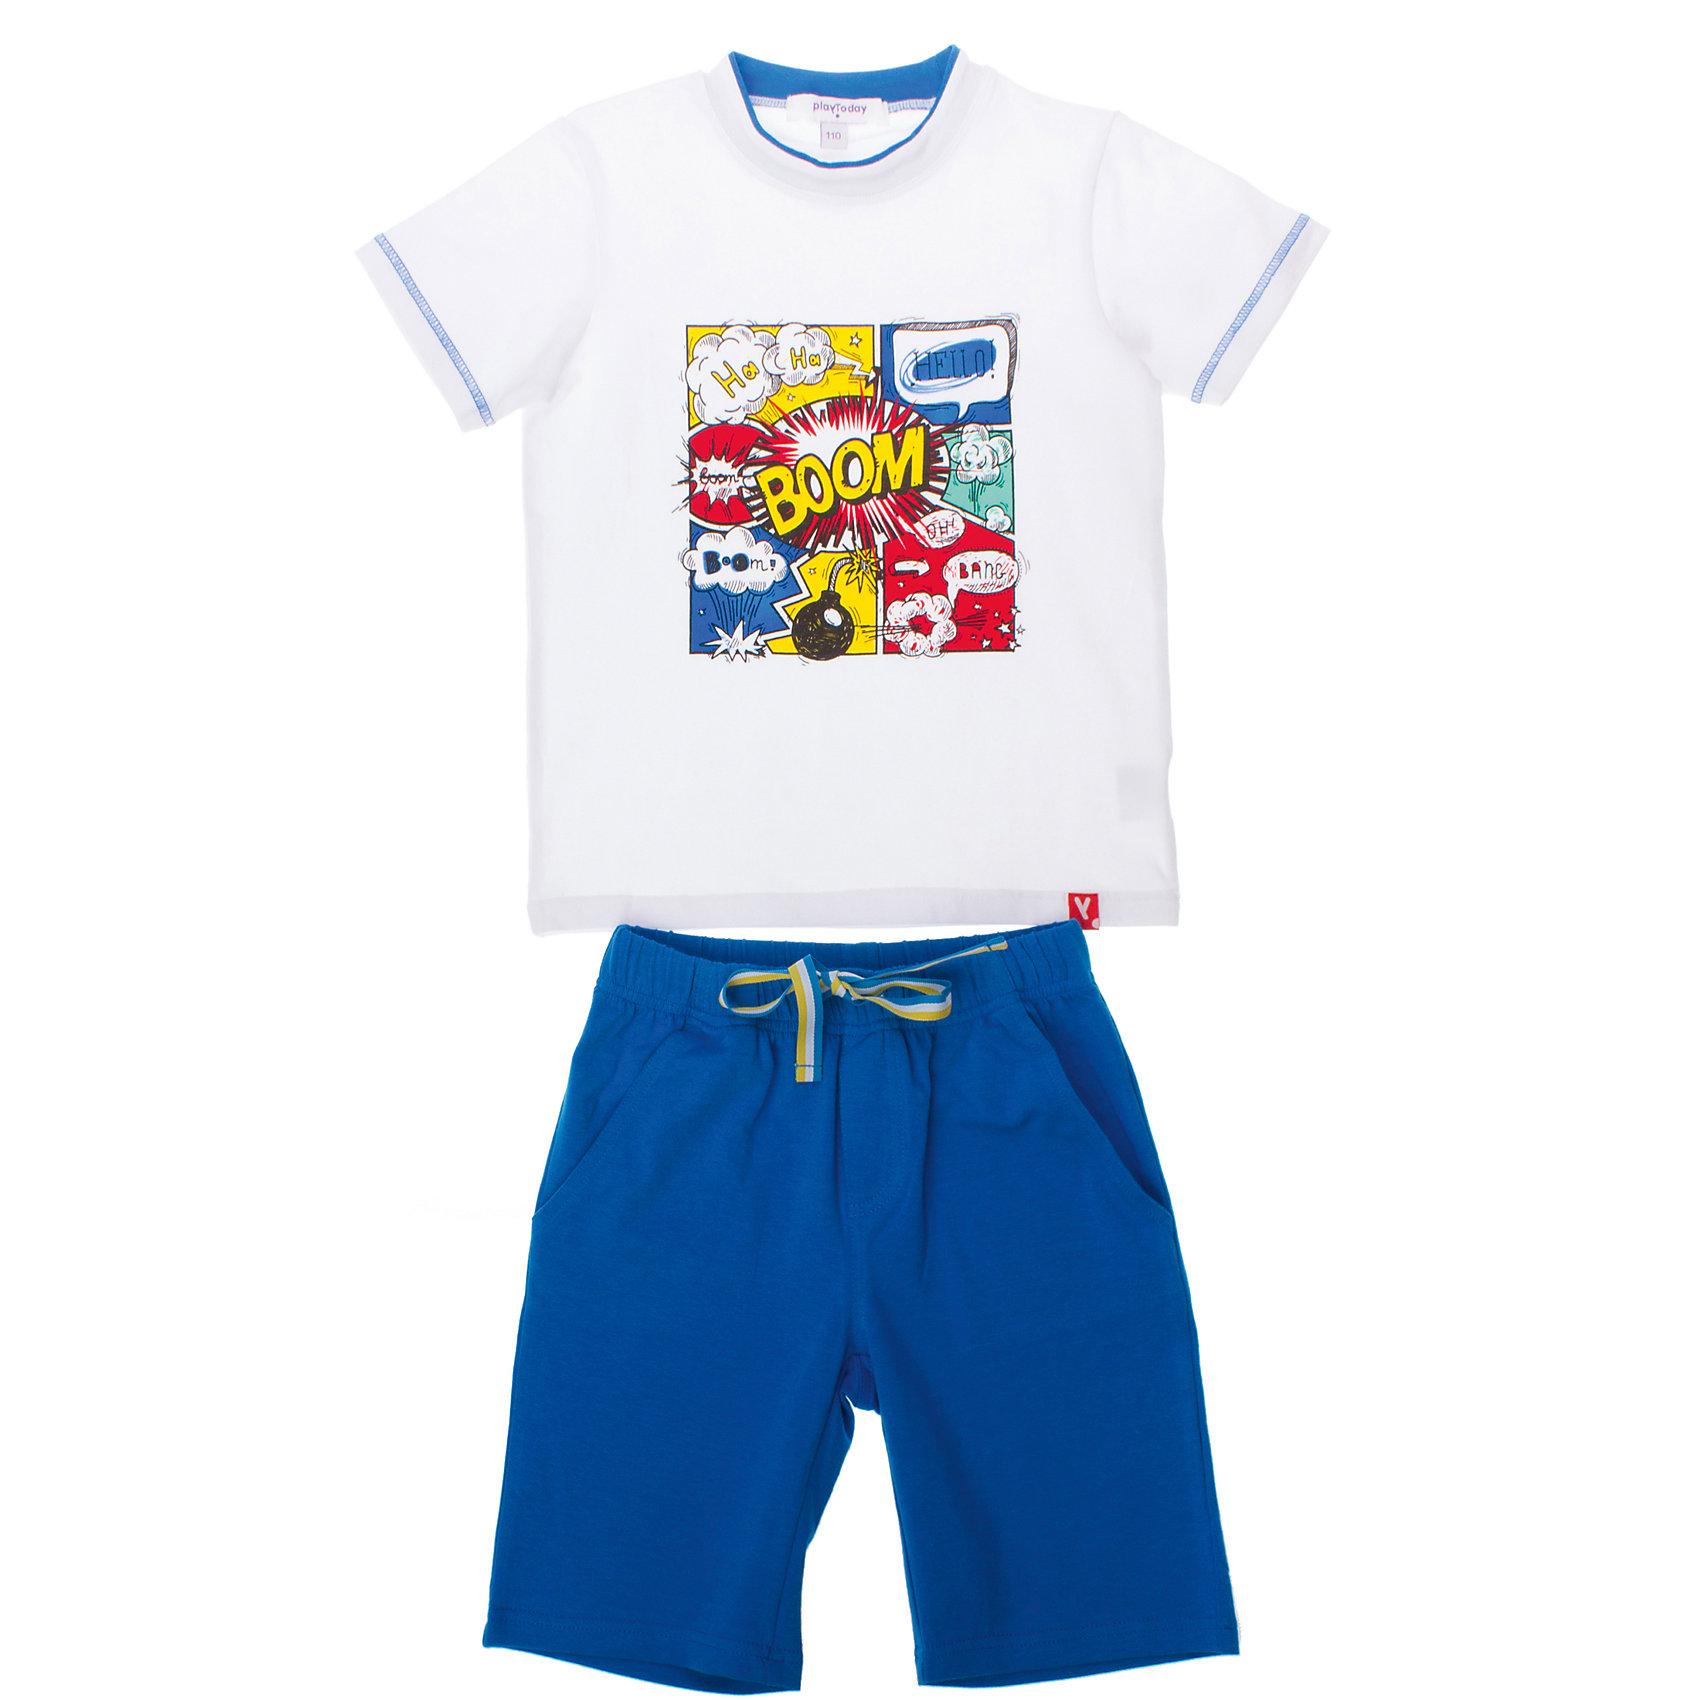 Комплект: футболка и шорты для мальчика PlayTodayКомплект: футболка и шорты для мальчика PlayToday <br><br>Состав: 95% хлопок, 5% эластан <br><br>Футболка: <br>Воротник на мягкой трикотажной резинке<br>Украшена водным принтом<br>На рукавах строчка голубого цвета<br>Шорты:<br>Удлиненные <br>Пояс на резинке<br>Дополнительно регулируются шнурком<br><br>Ширина мм: 199<br>Глубина мм: 10<br>Высота мм: 161<br>Вес г: 151<br>Цвет: разноцветный<br>Возраст от месяцев: 60<br>Возраст до месяцев: 72<br>Пол: Мужской<br>Возраст: Детский<br>Размер: 98,104,116,122,128,110<br>SKU: 4504153